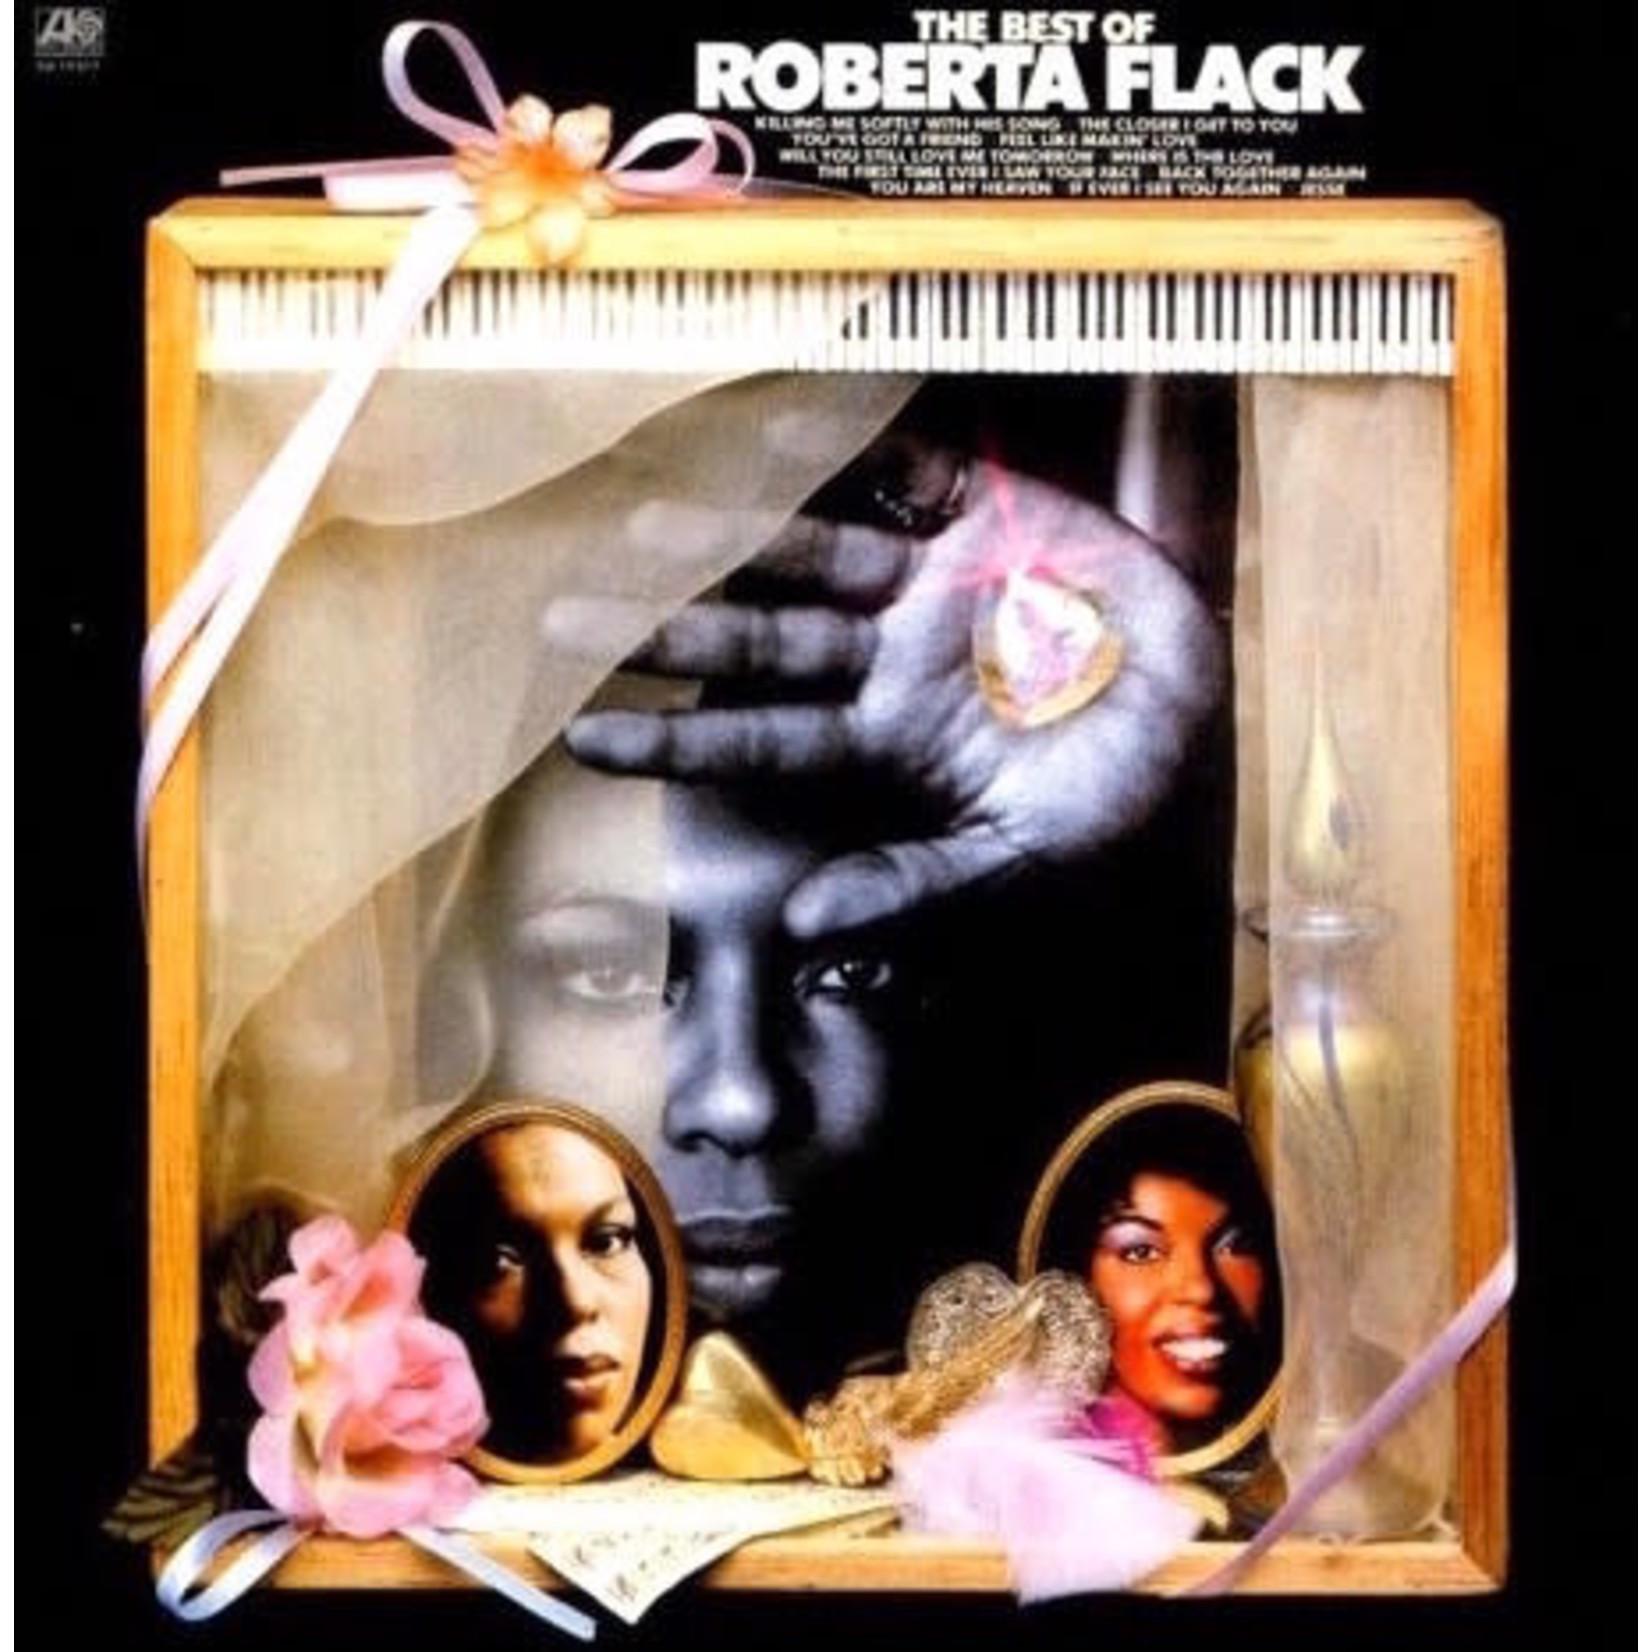 [Vintage] Flack, Roberta: Best of...